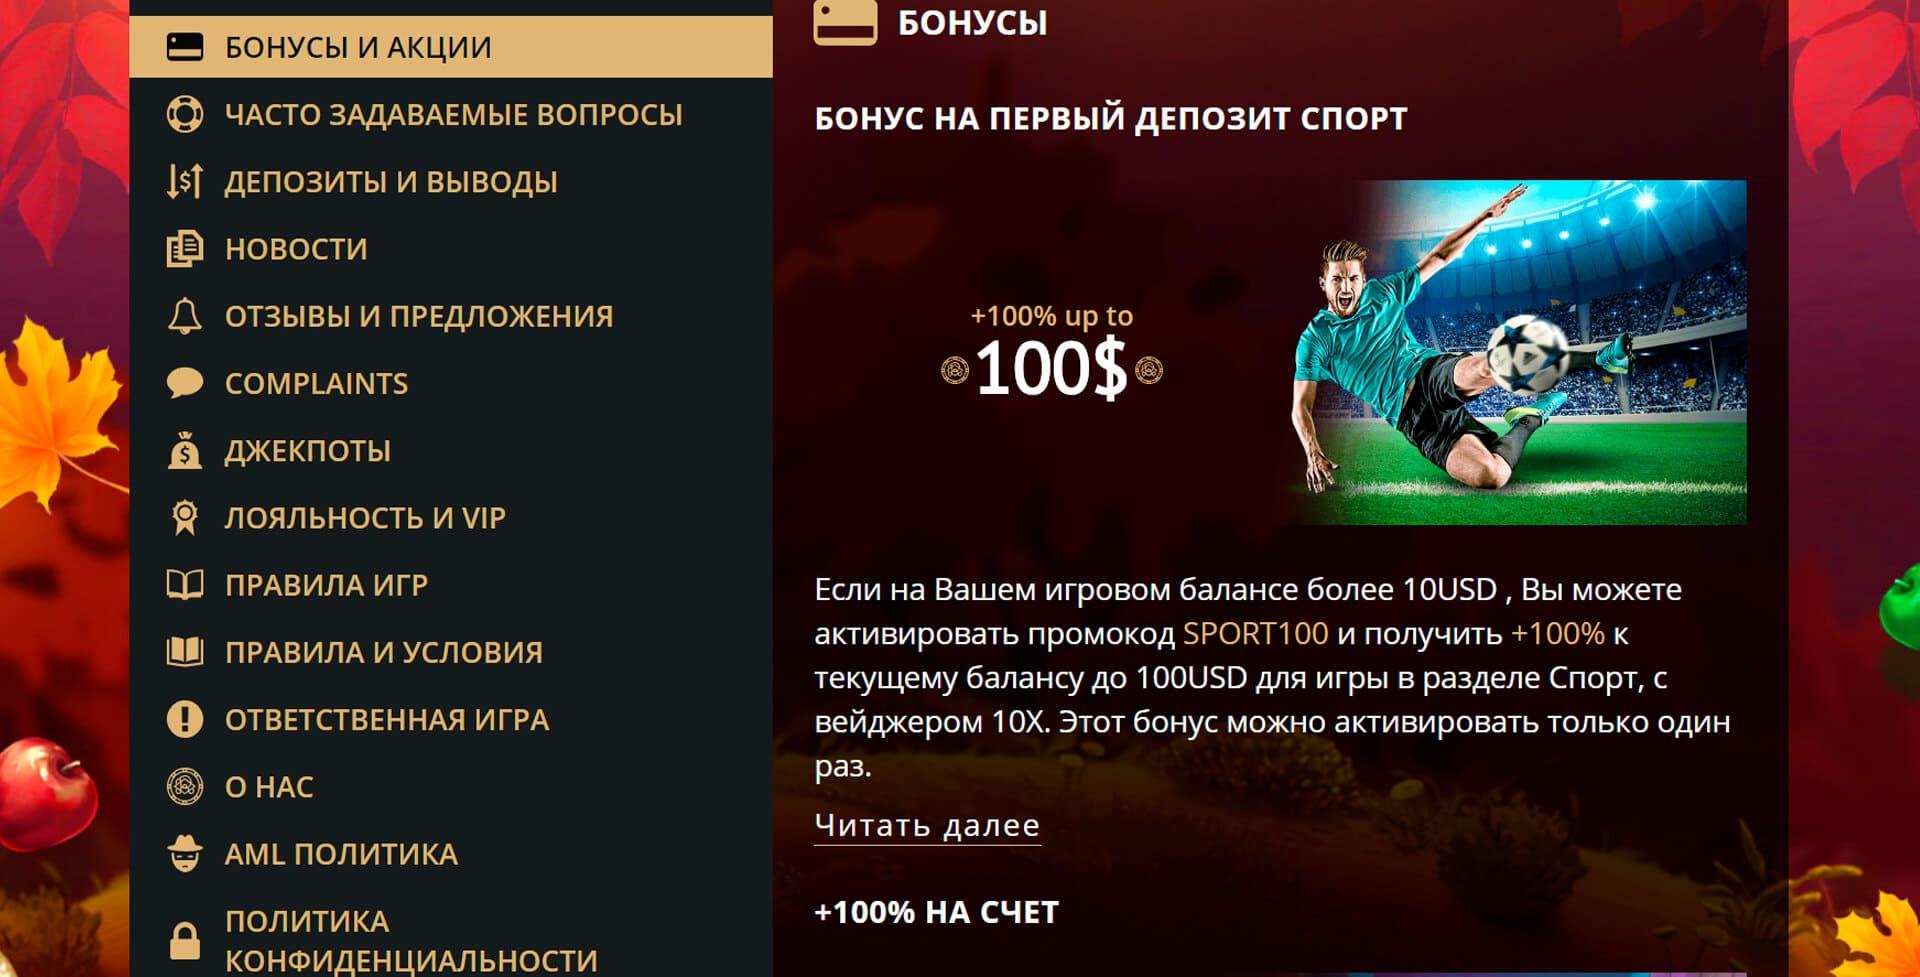 бонусы-риобет